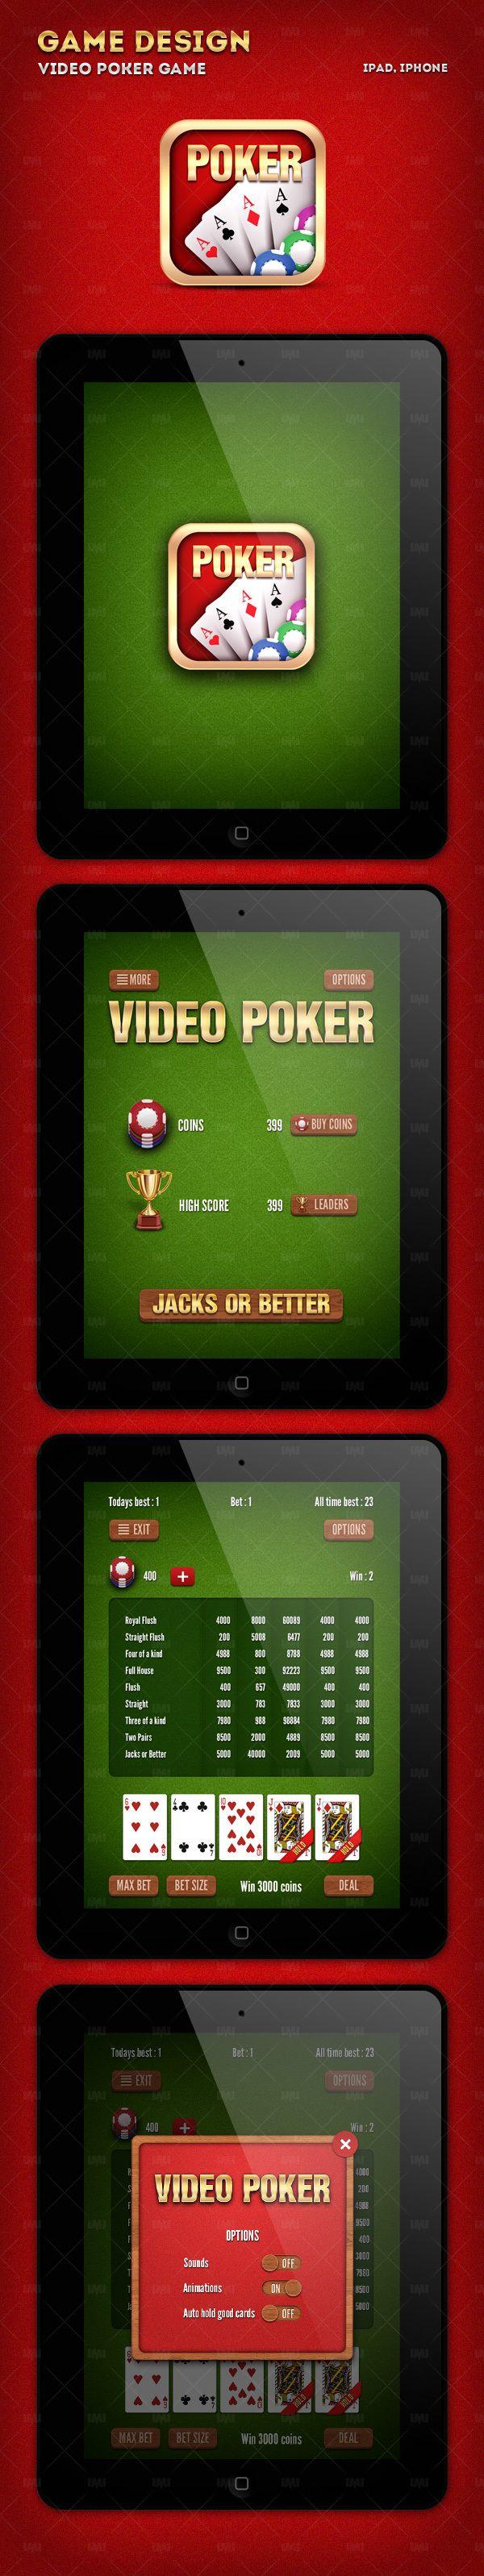 Poker game design on Behance